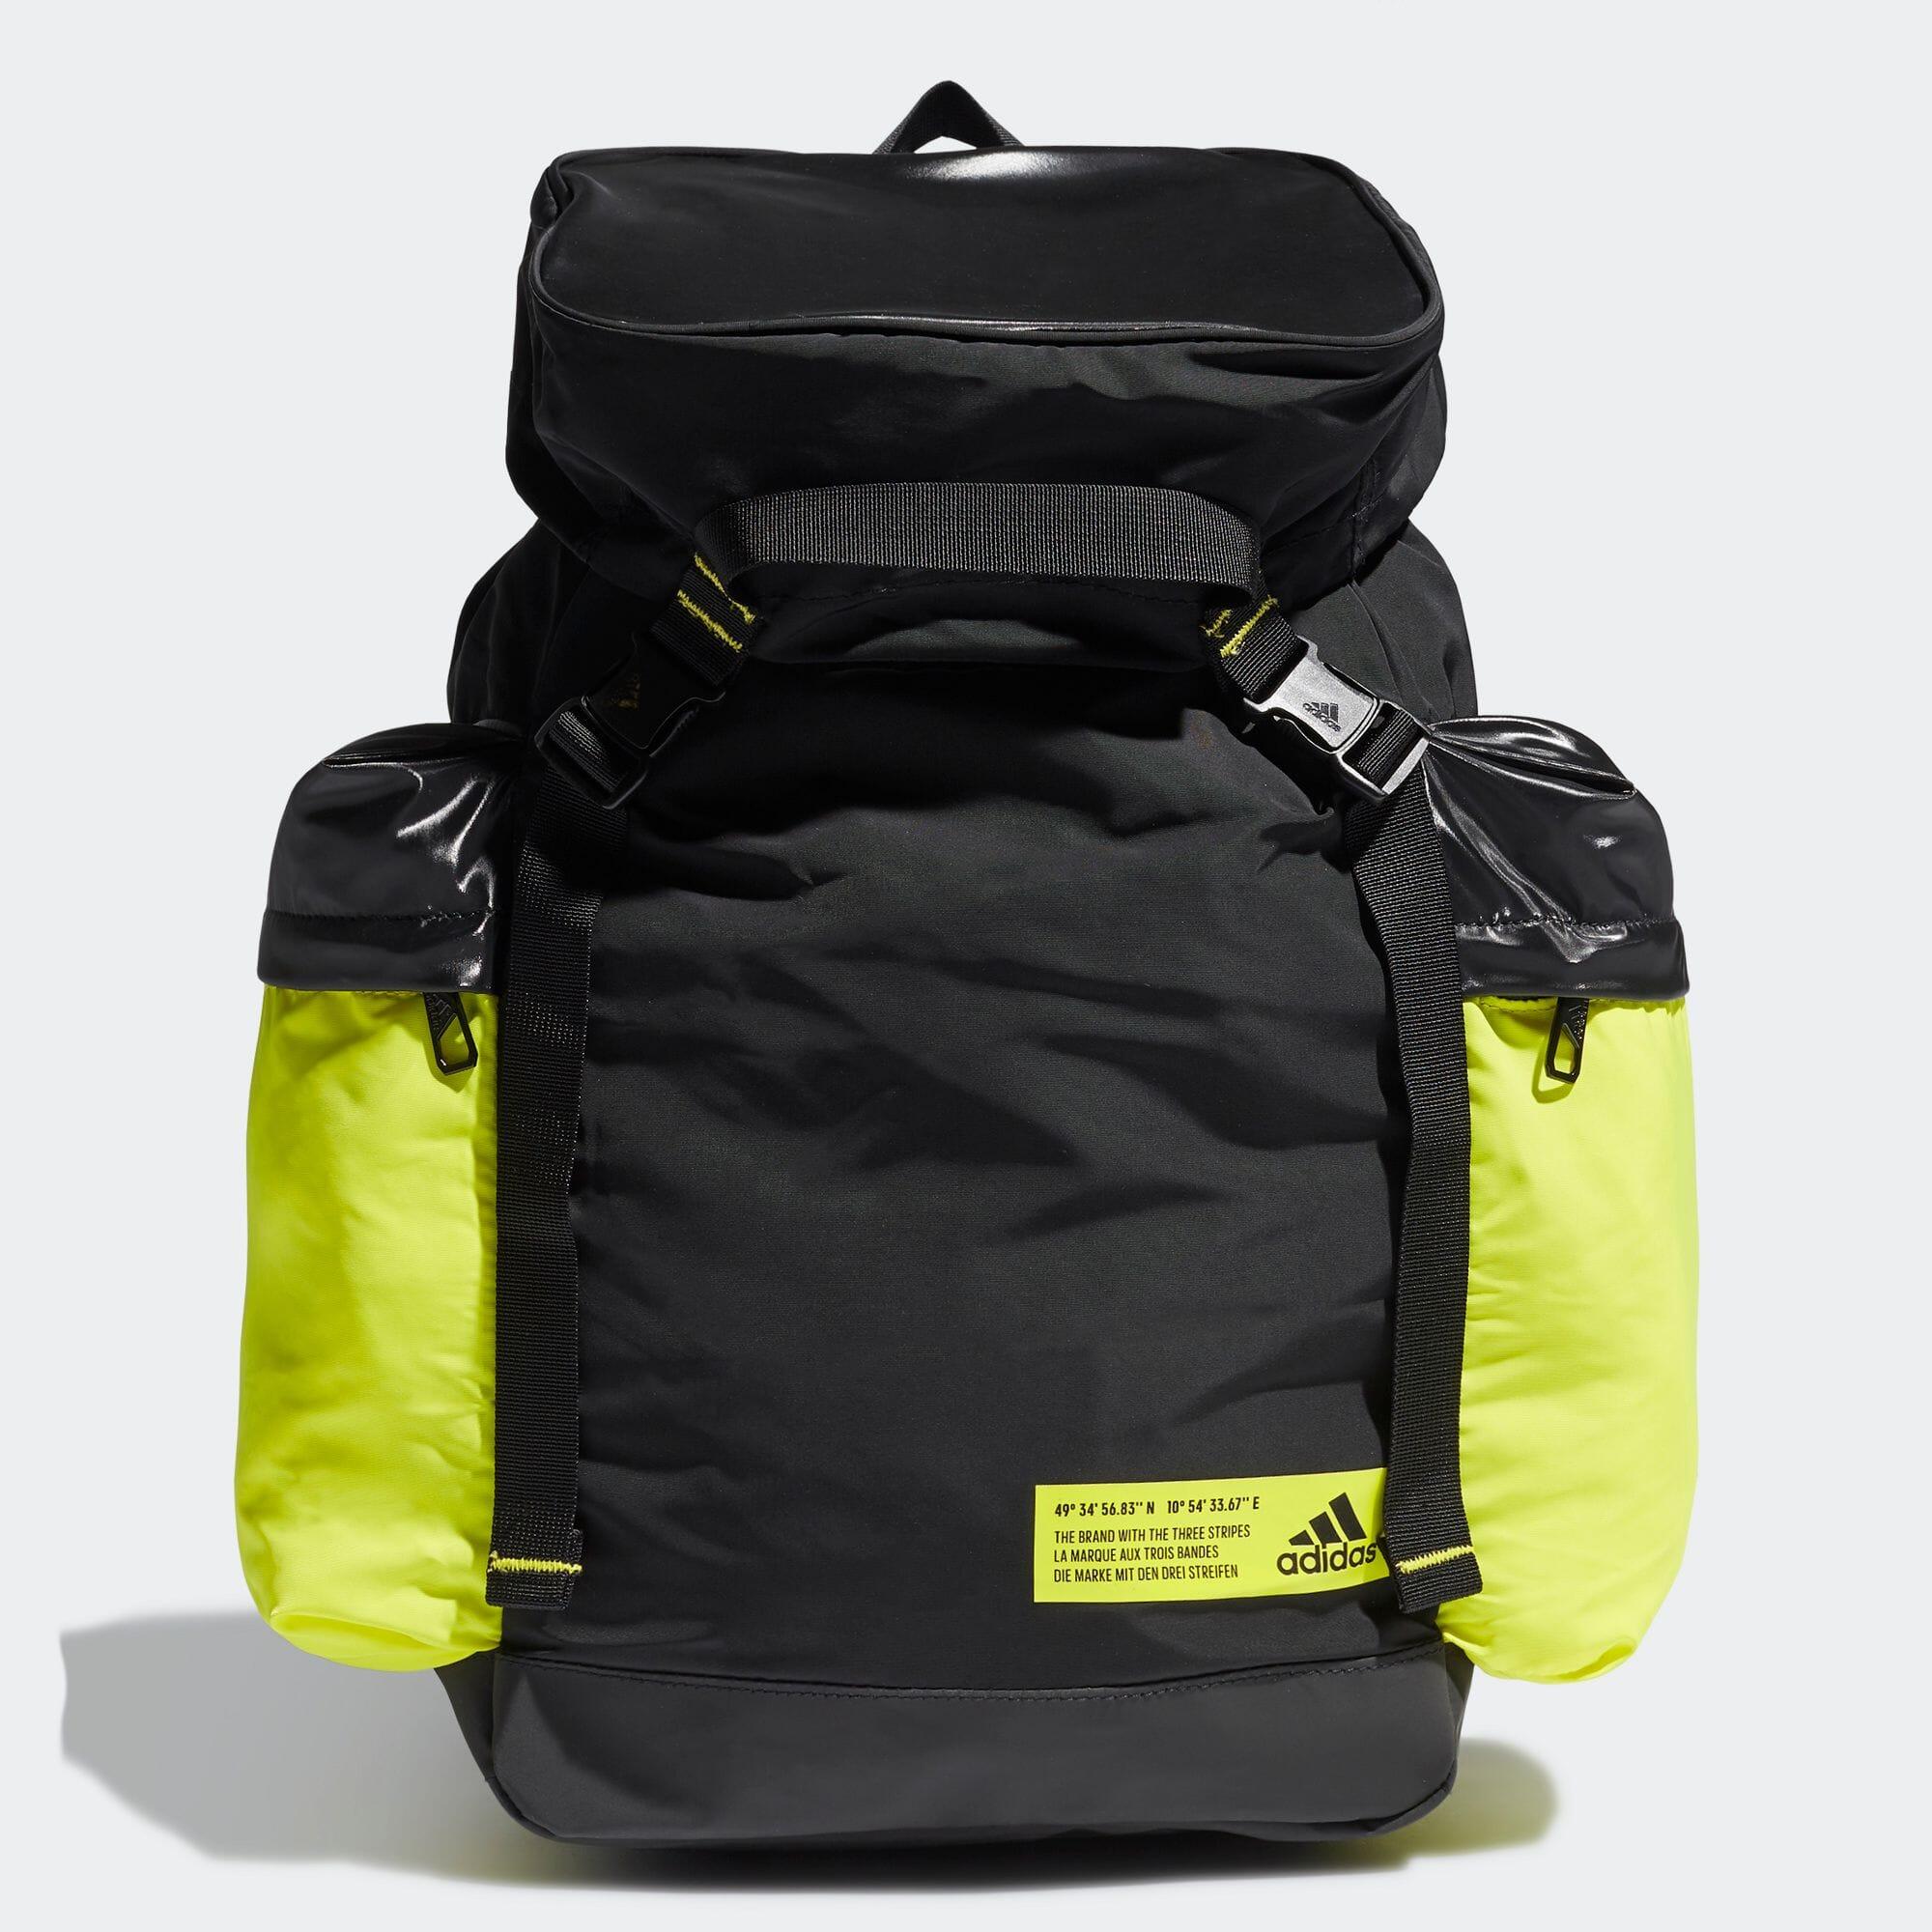 スポーツ バックパック / Sports Backpack